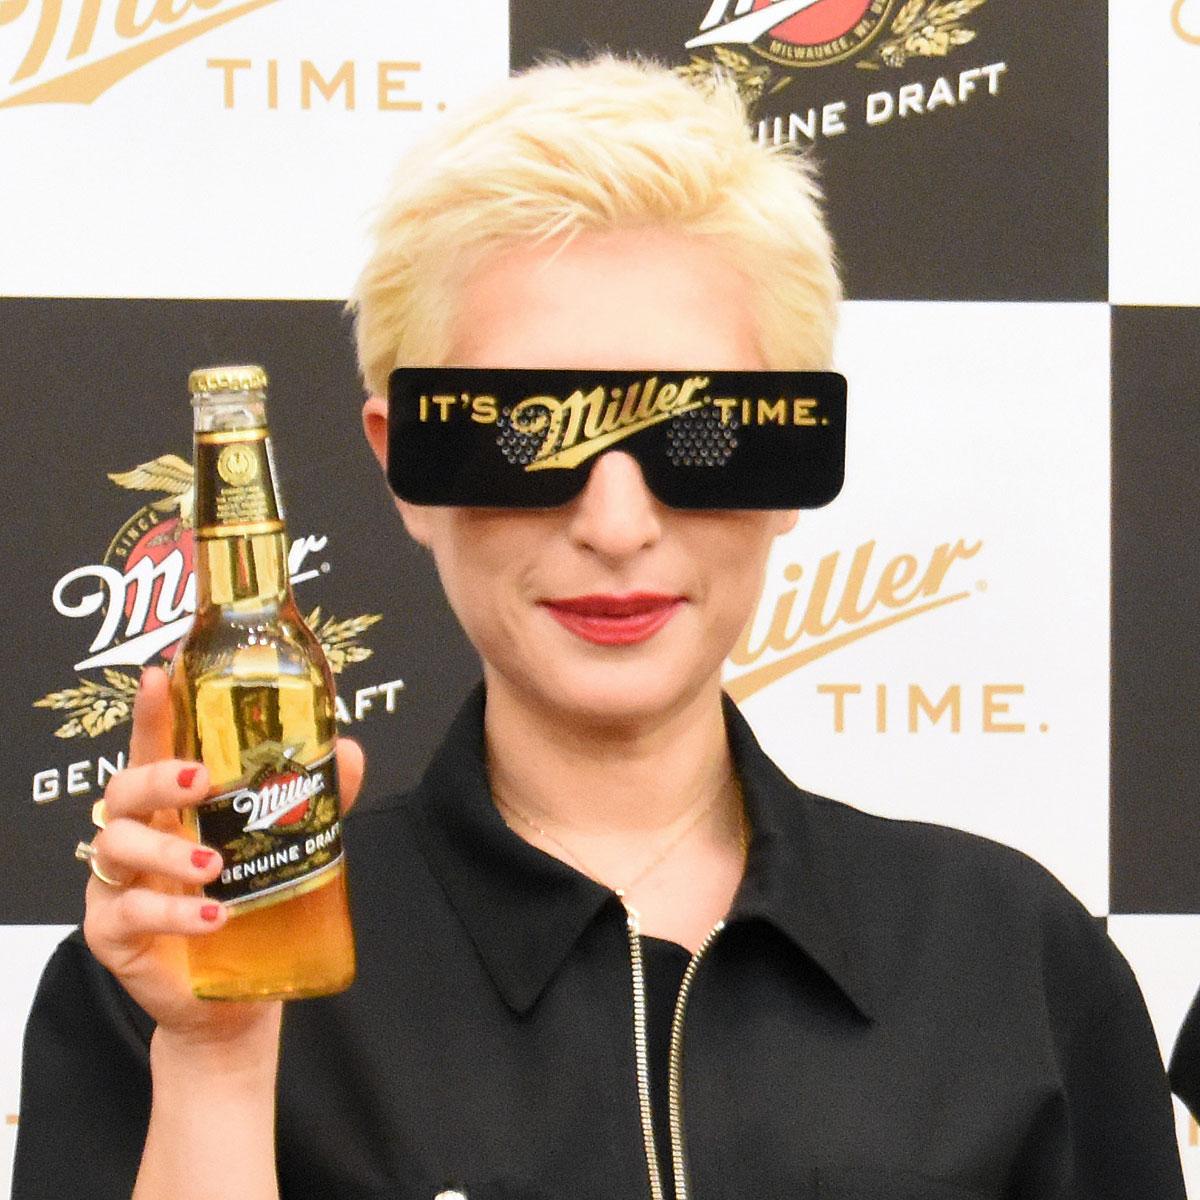 パリピのための新プレミアム瓶ビール「ミラー」! 日本のナイトライフ席巻狙う